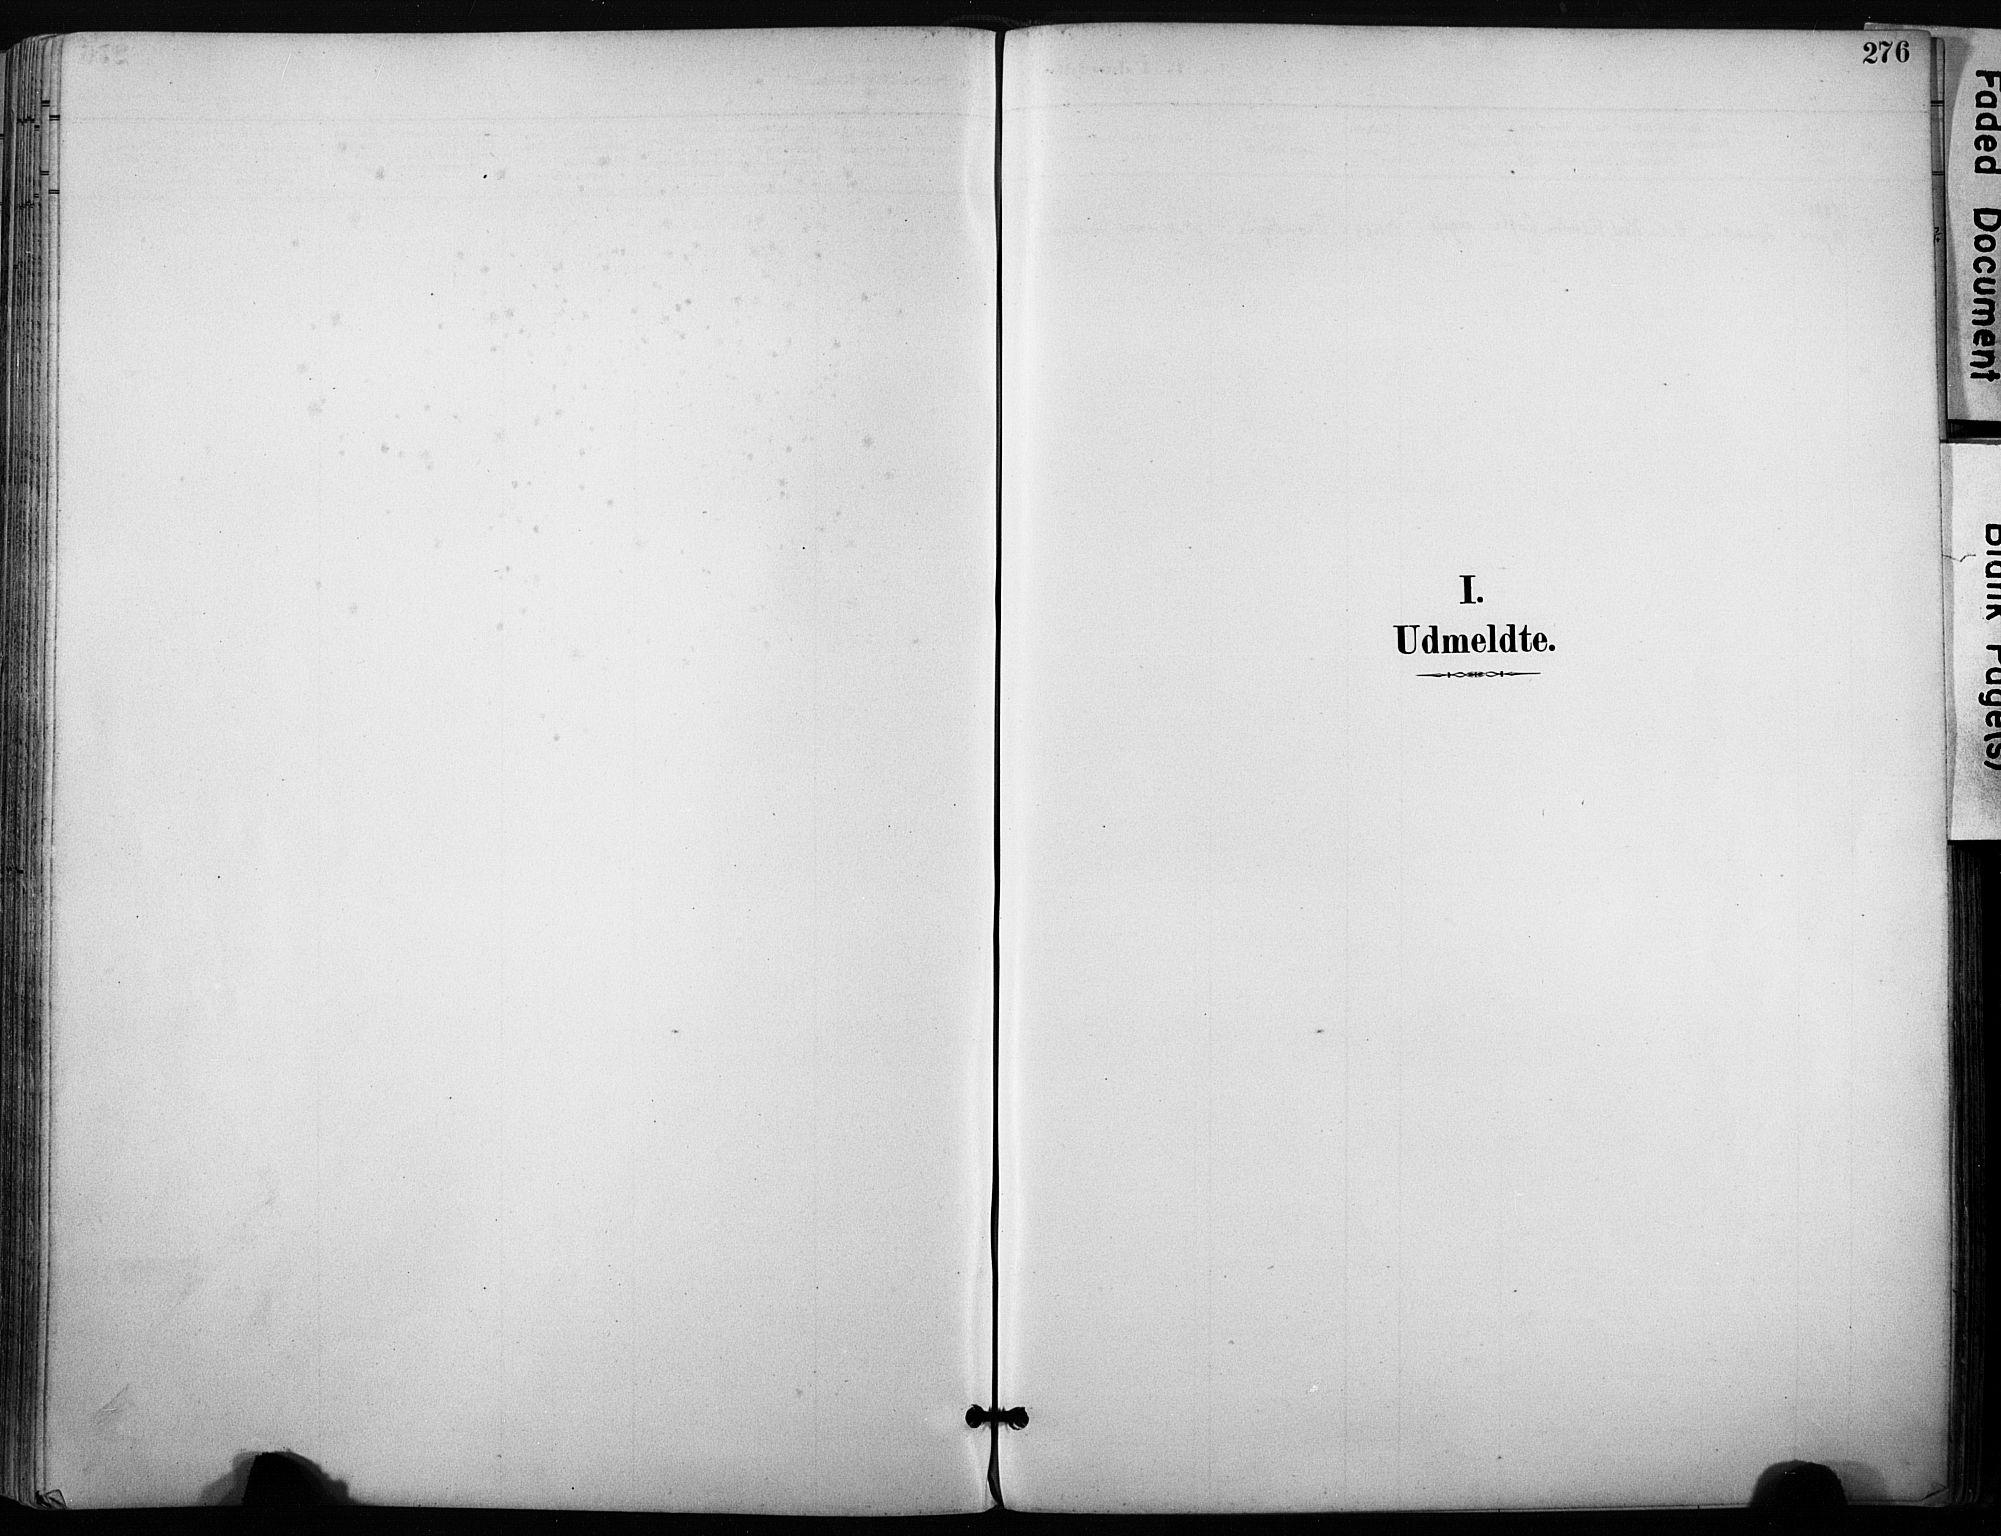 SAT, Ministerialprotokoller, klokkerbøker og fødselsregistre - Sør-Trøndelag, 640/L0579: Ministerialbok nr. 640A04, 1889-1902, s. 276